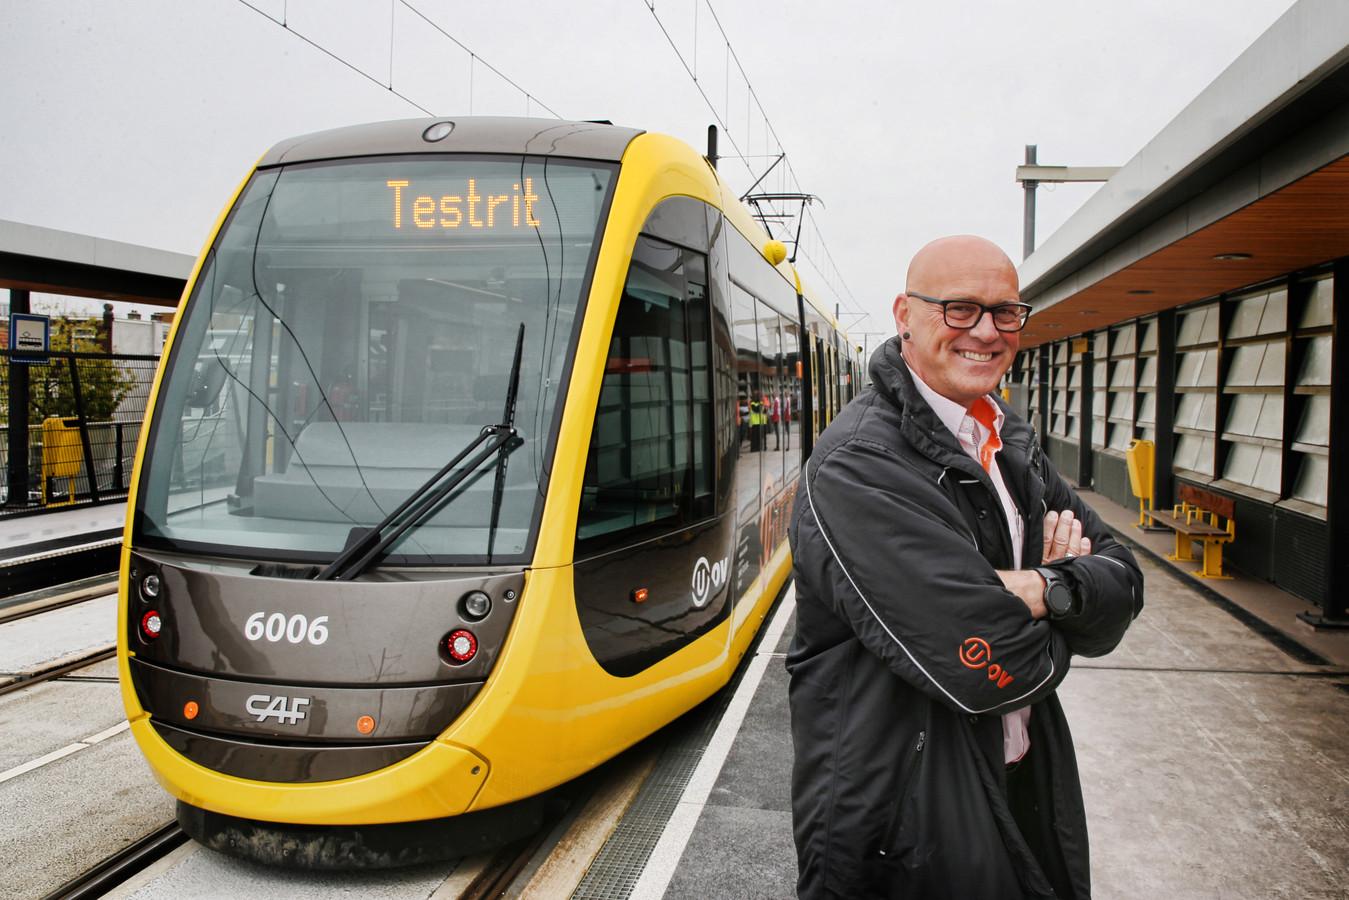 Tramchauffeur Sjaak Breedijk hoopt over twee maanden dat hier dan eindelijk passagiers hem op zullen wachten.